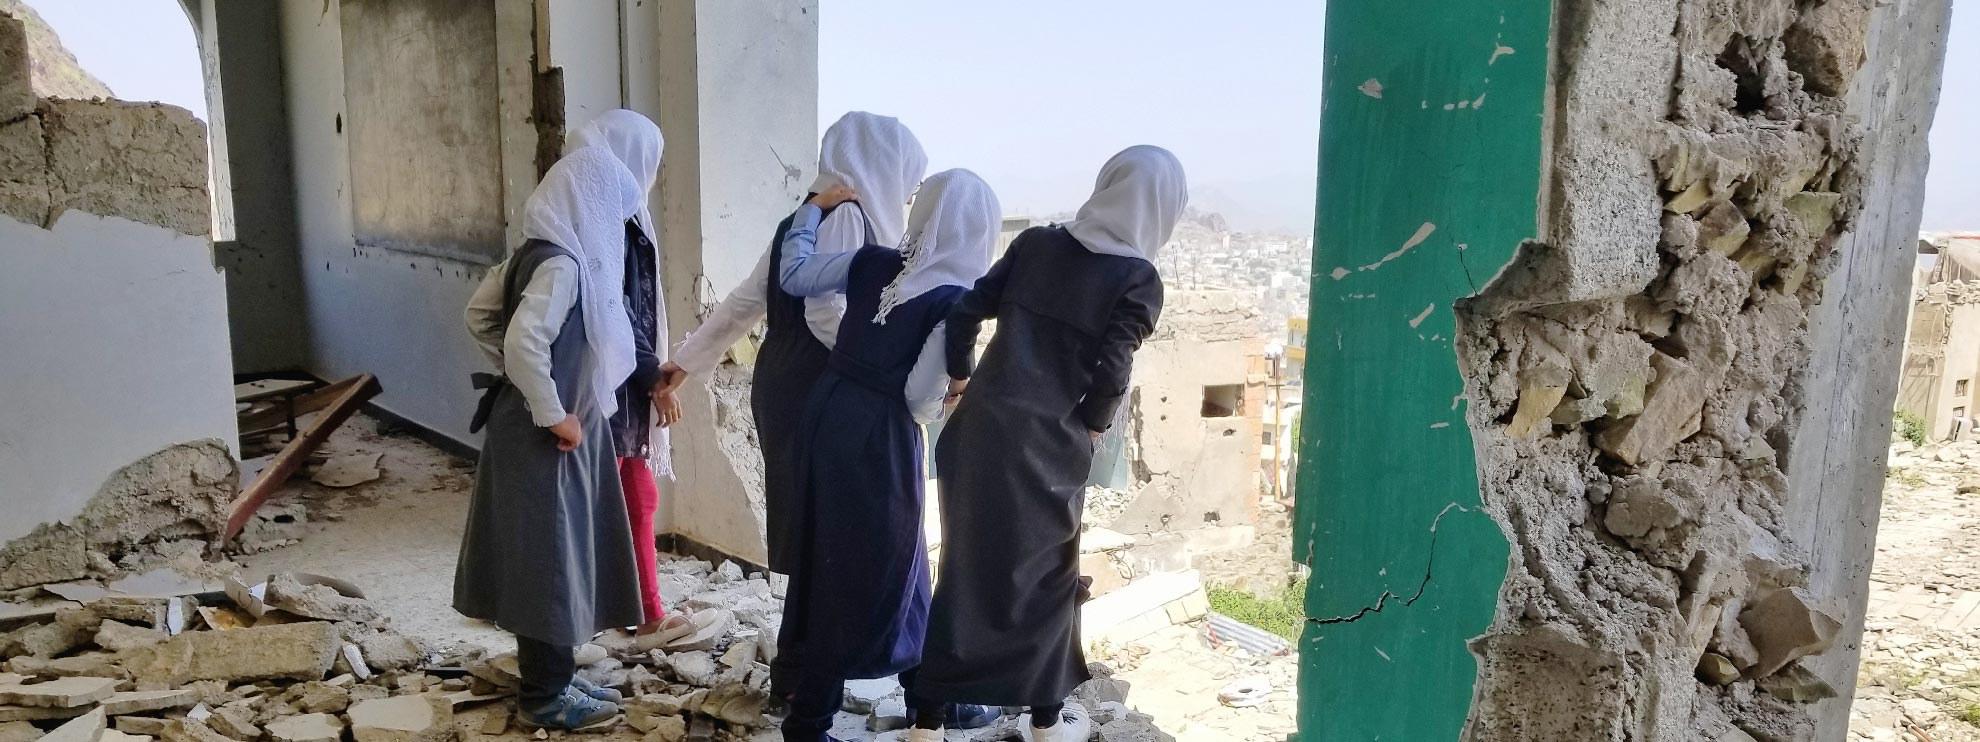 Des écolières découvrent leur école détruite, Taiz, octobre 2018. ©  anasalhajj / shutterstock.com